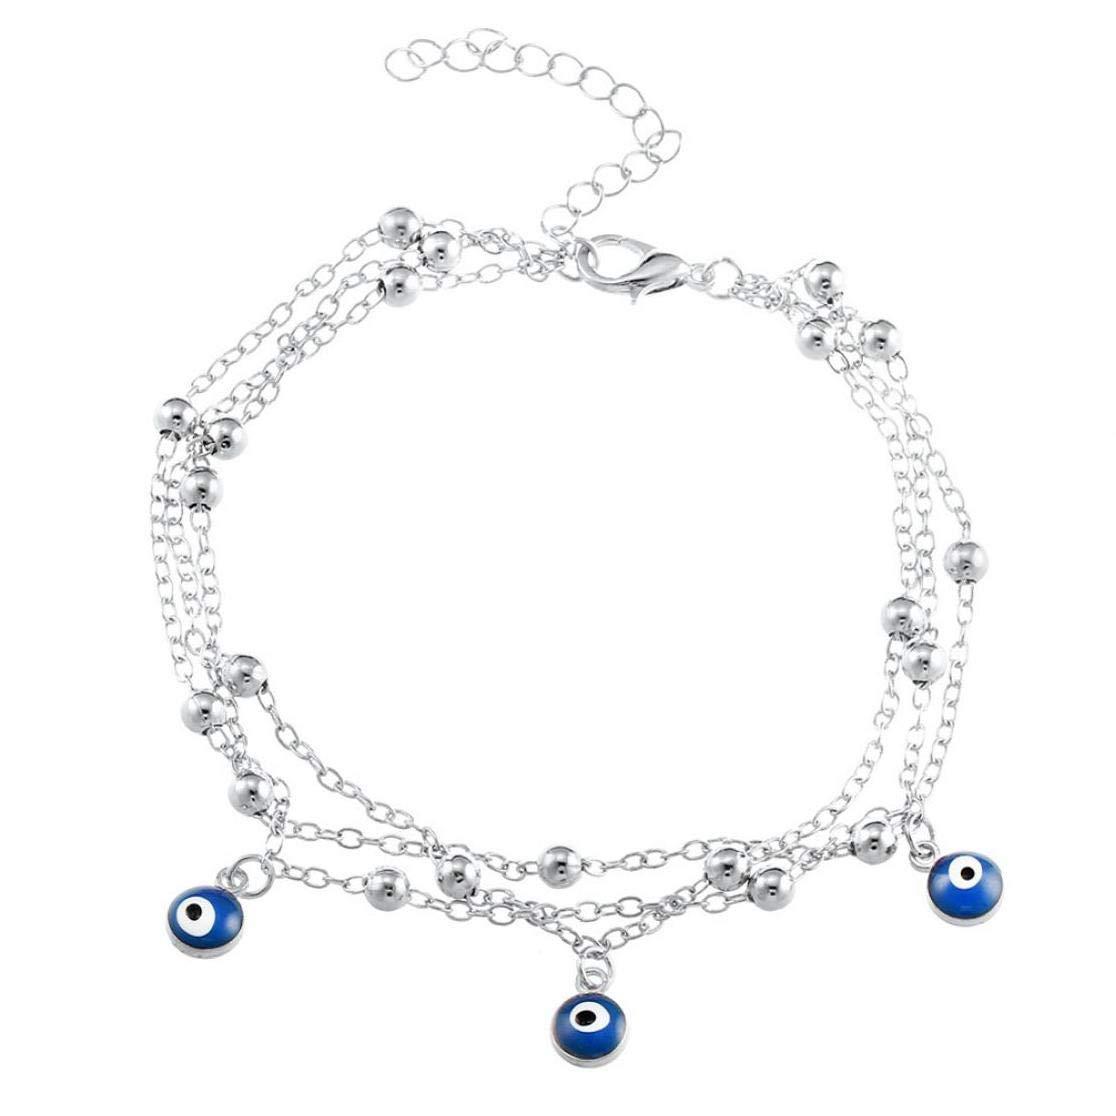 Femmes D/ét/é Au Pied Bijoux De Boh/ème /à Couches Multiples Perles Cheville Bracelet Cha/îne Jambe Bleu Mauvais Oeil Pendentif pour La Plage Anklet